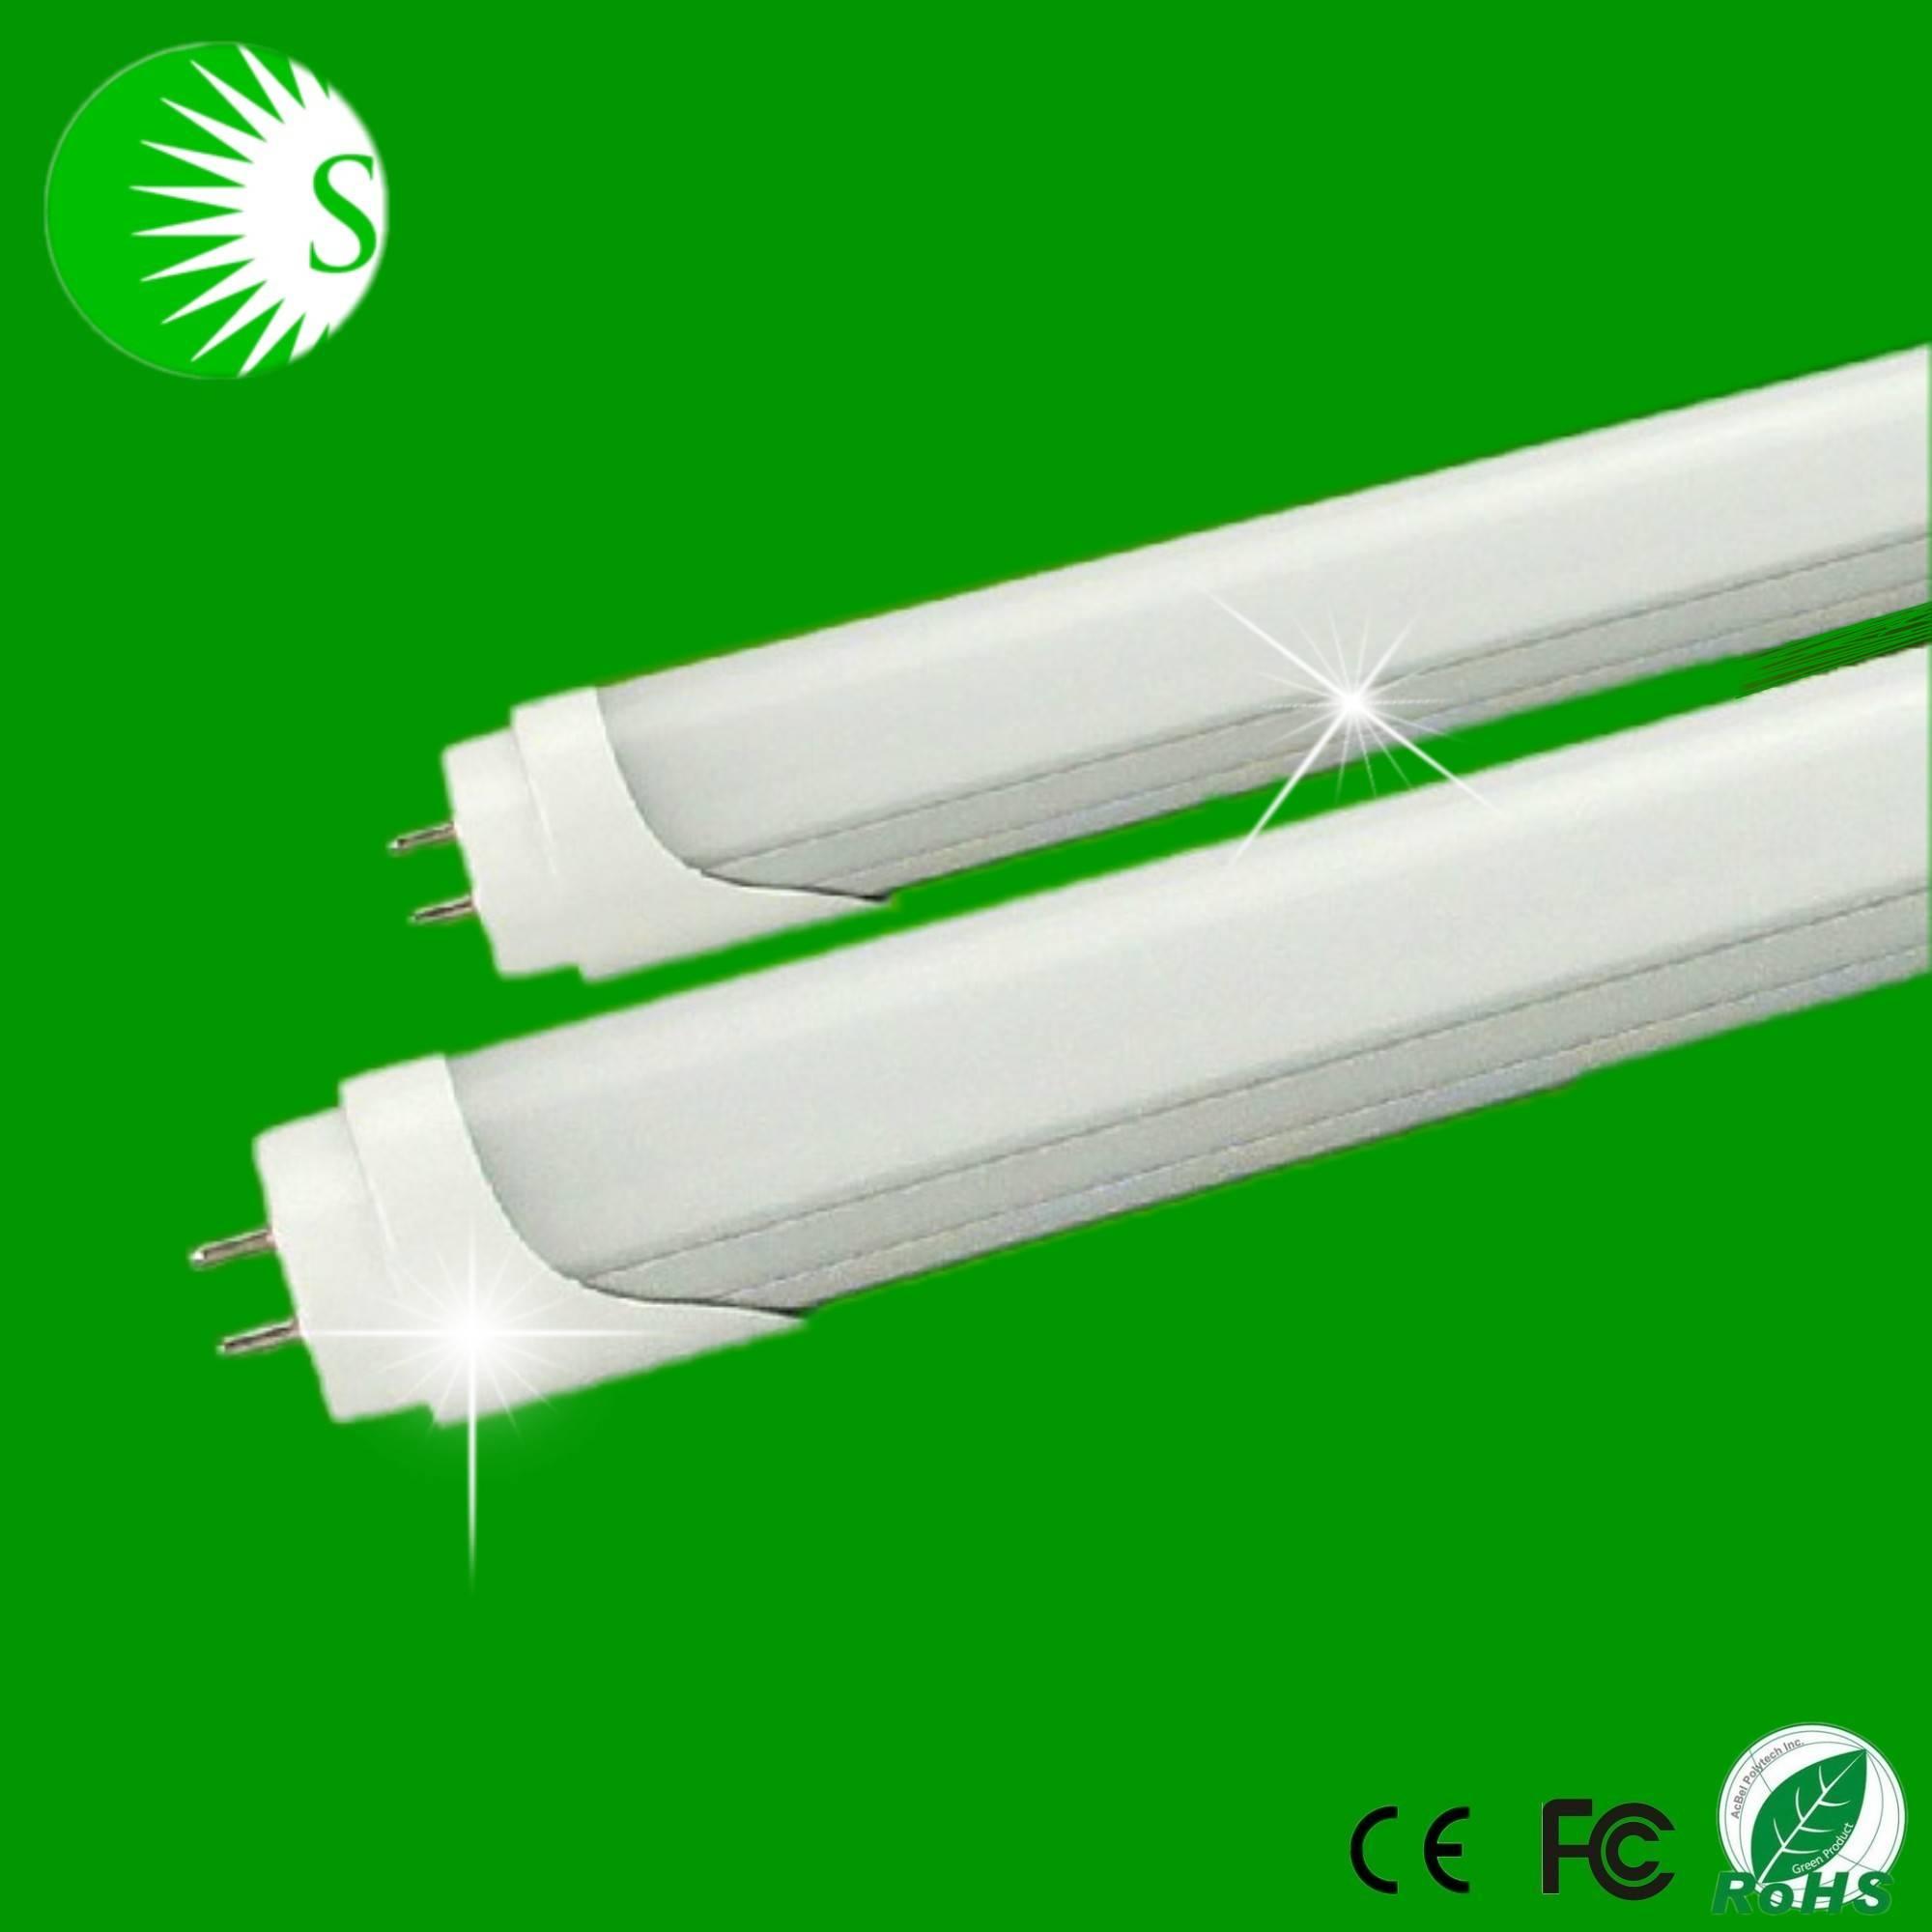 Epistar 2835 led chip light wide voltage 85-265v t8 pink led tubt8 led tube 8 school light schoole